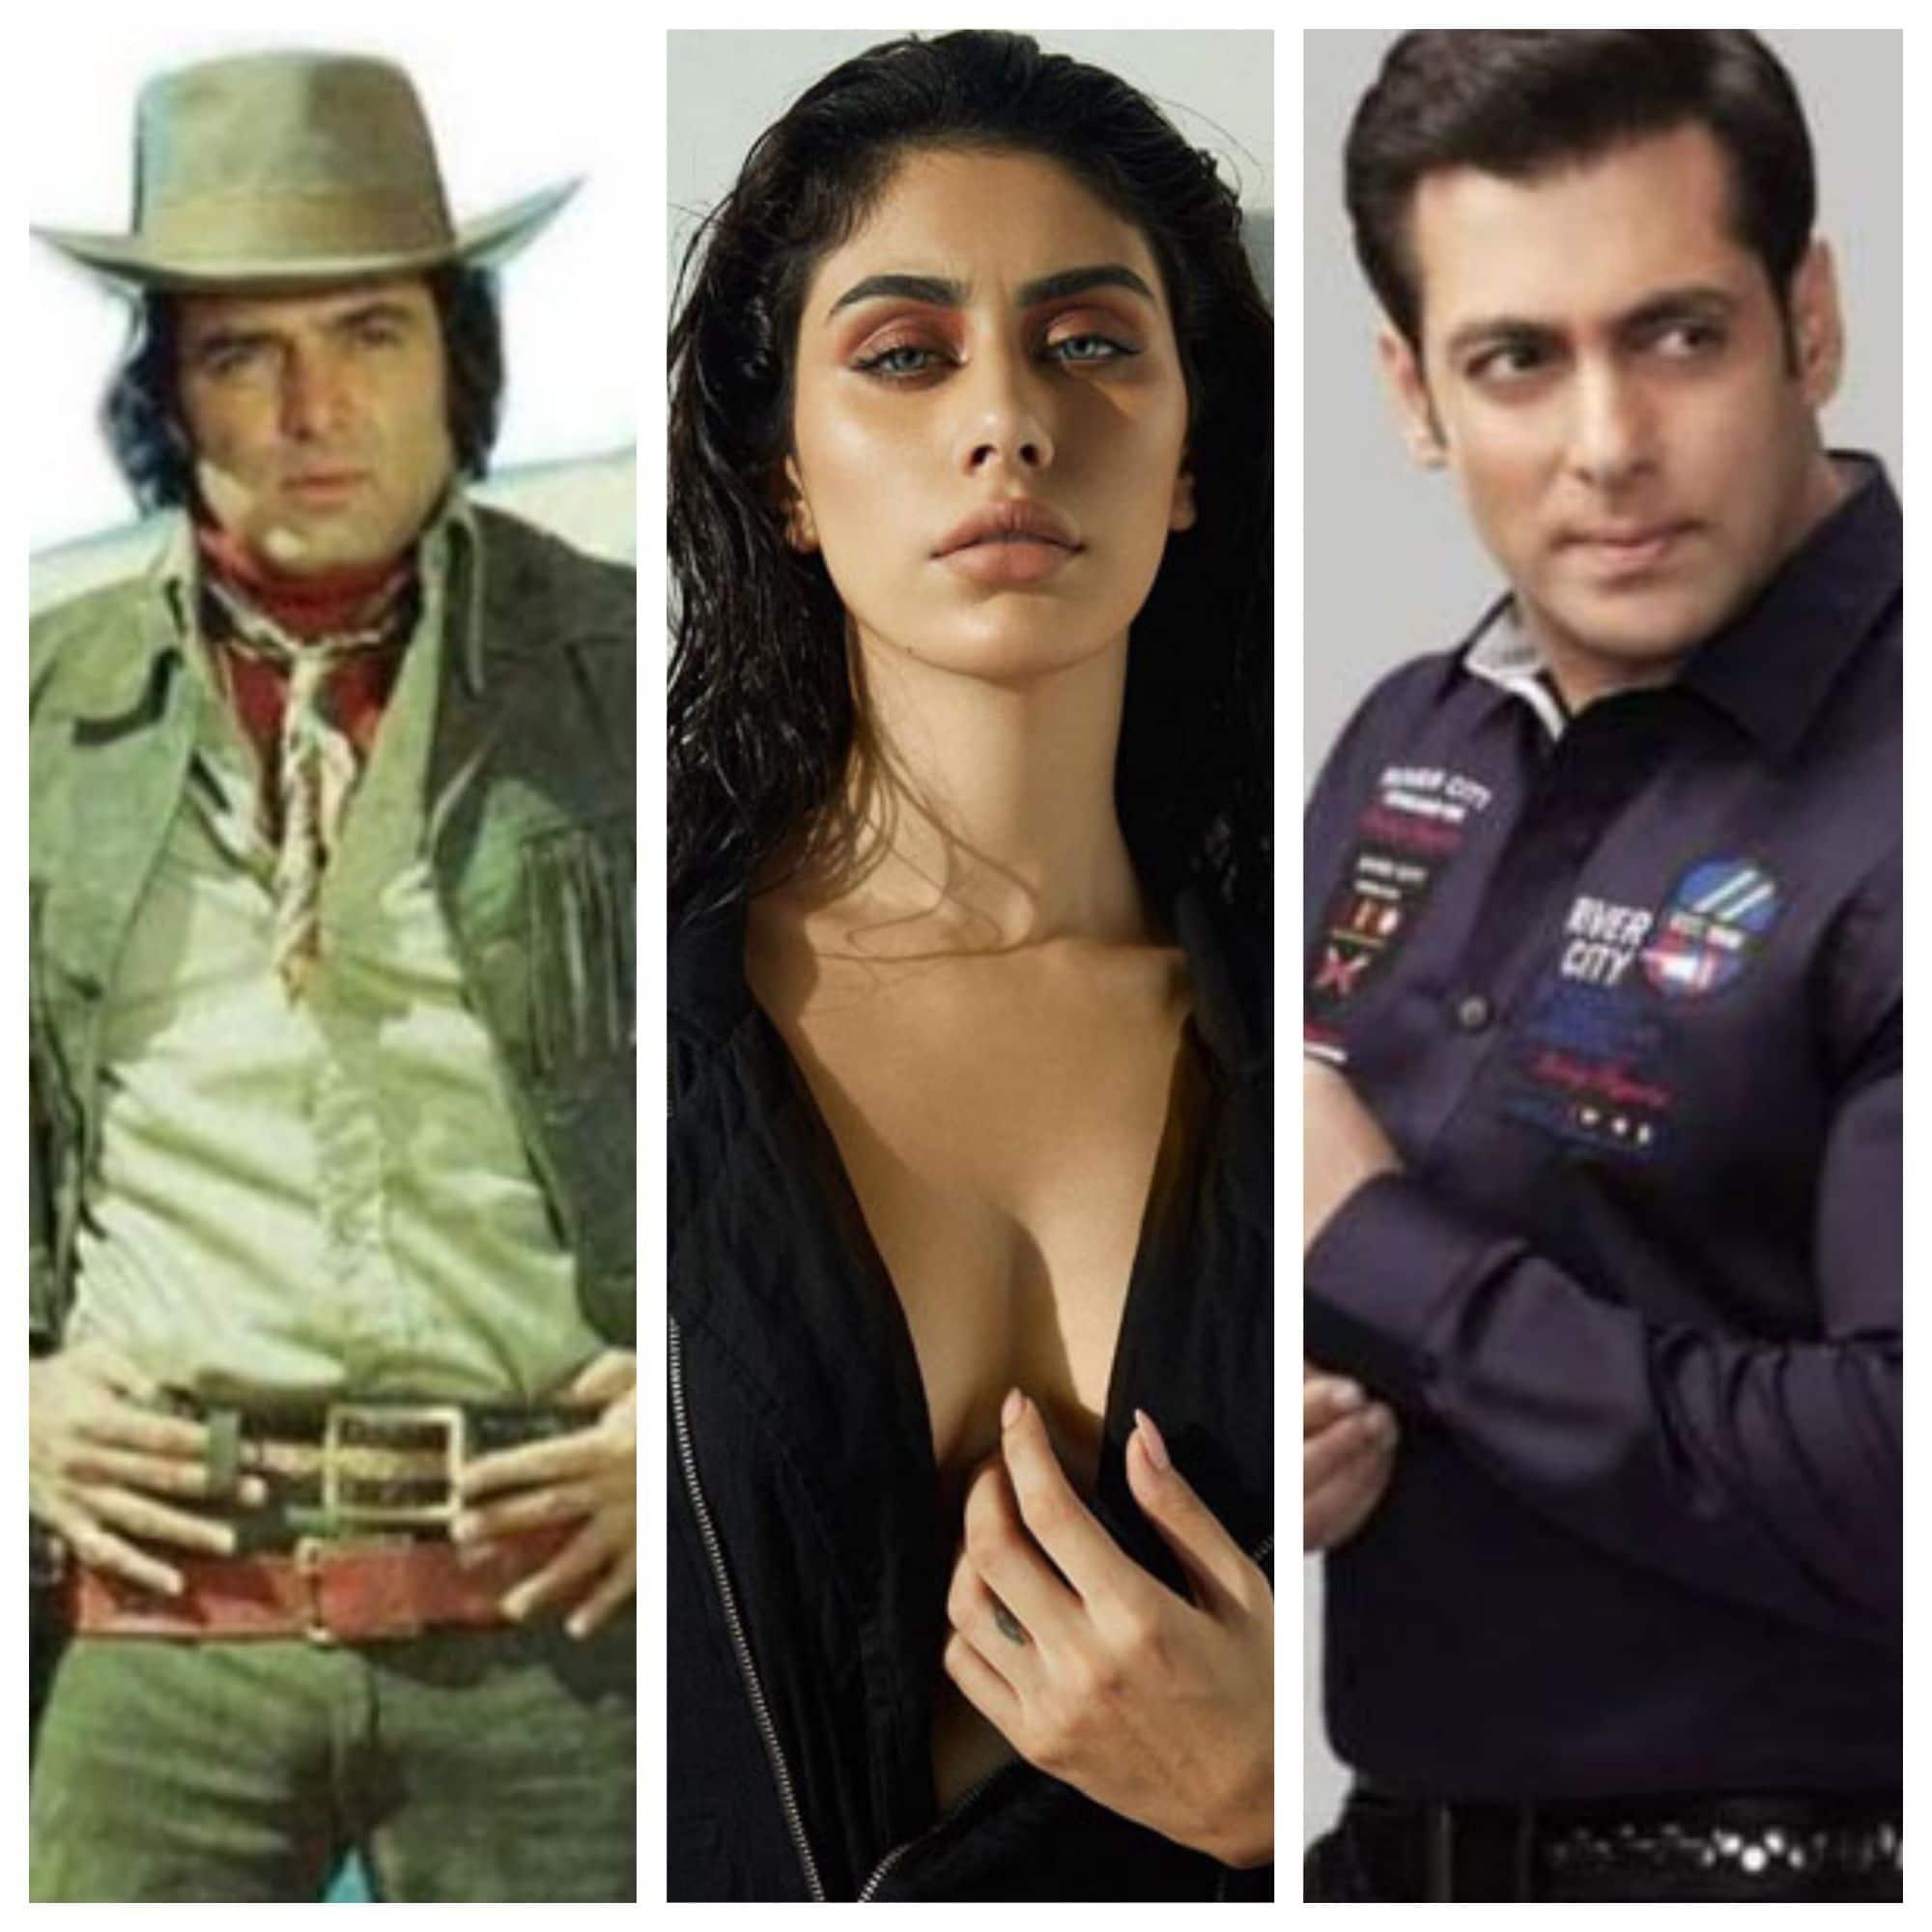 अफगानिस्तान और पाकिस्तान से रिश्ता रखते हैं Bollywood के ये सितारे